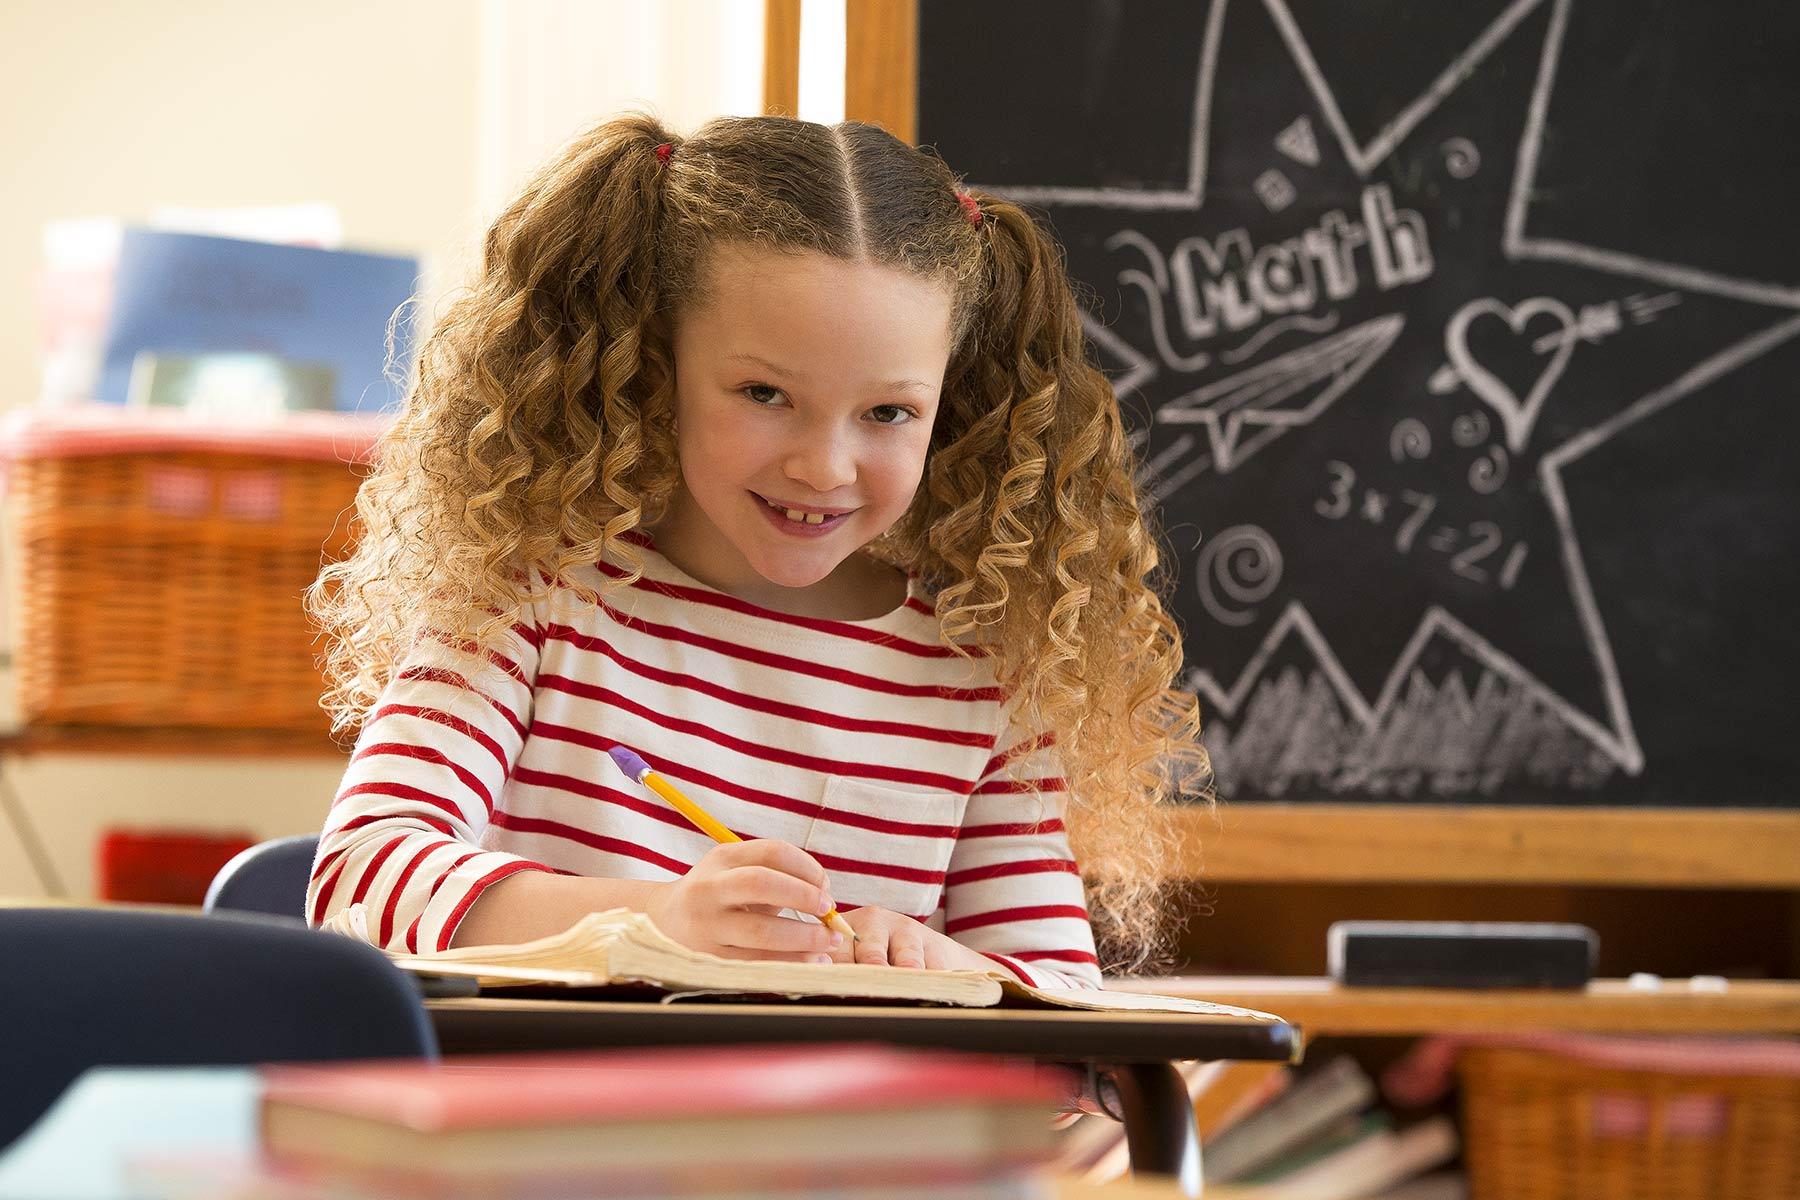 9_eric-klein-school-girl.jpg